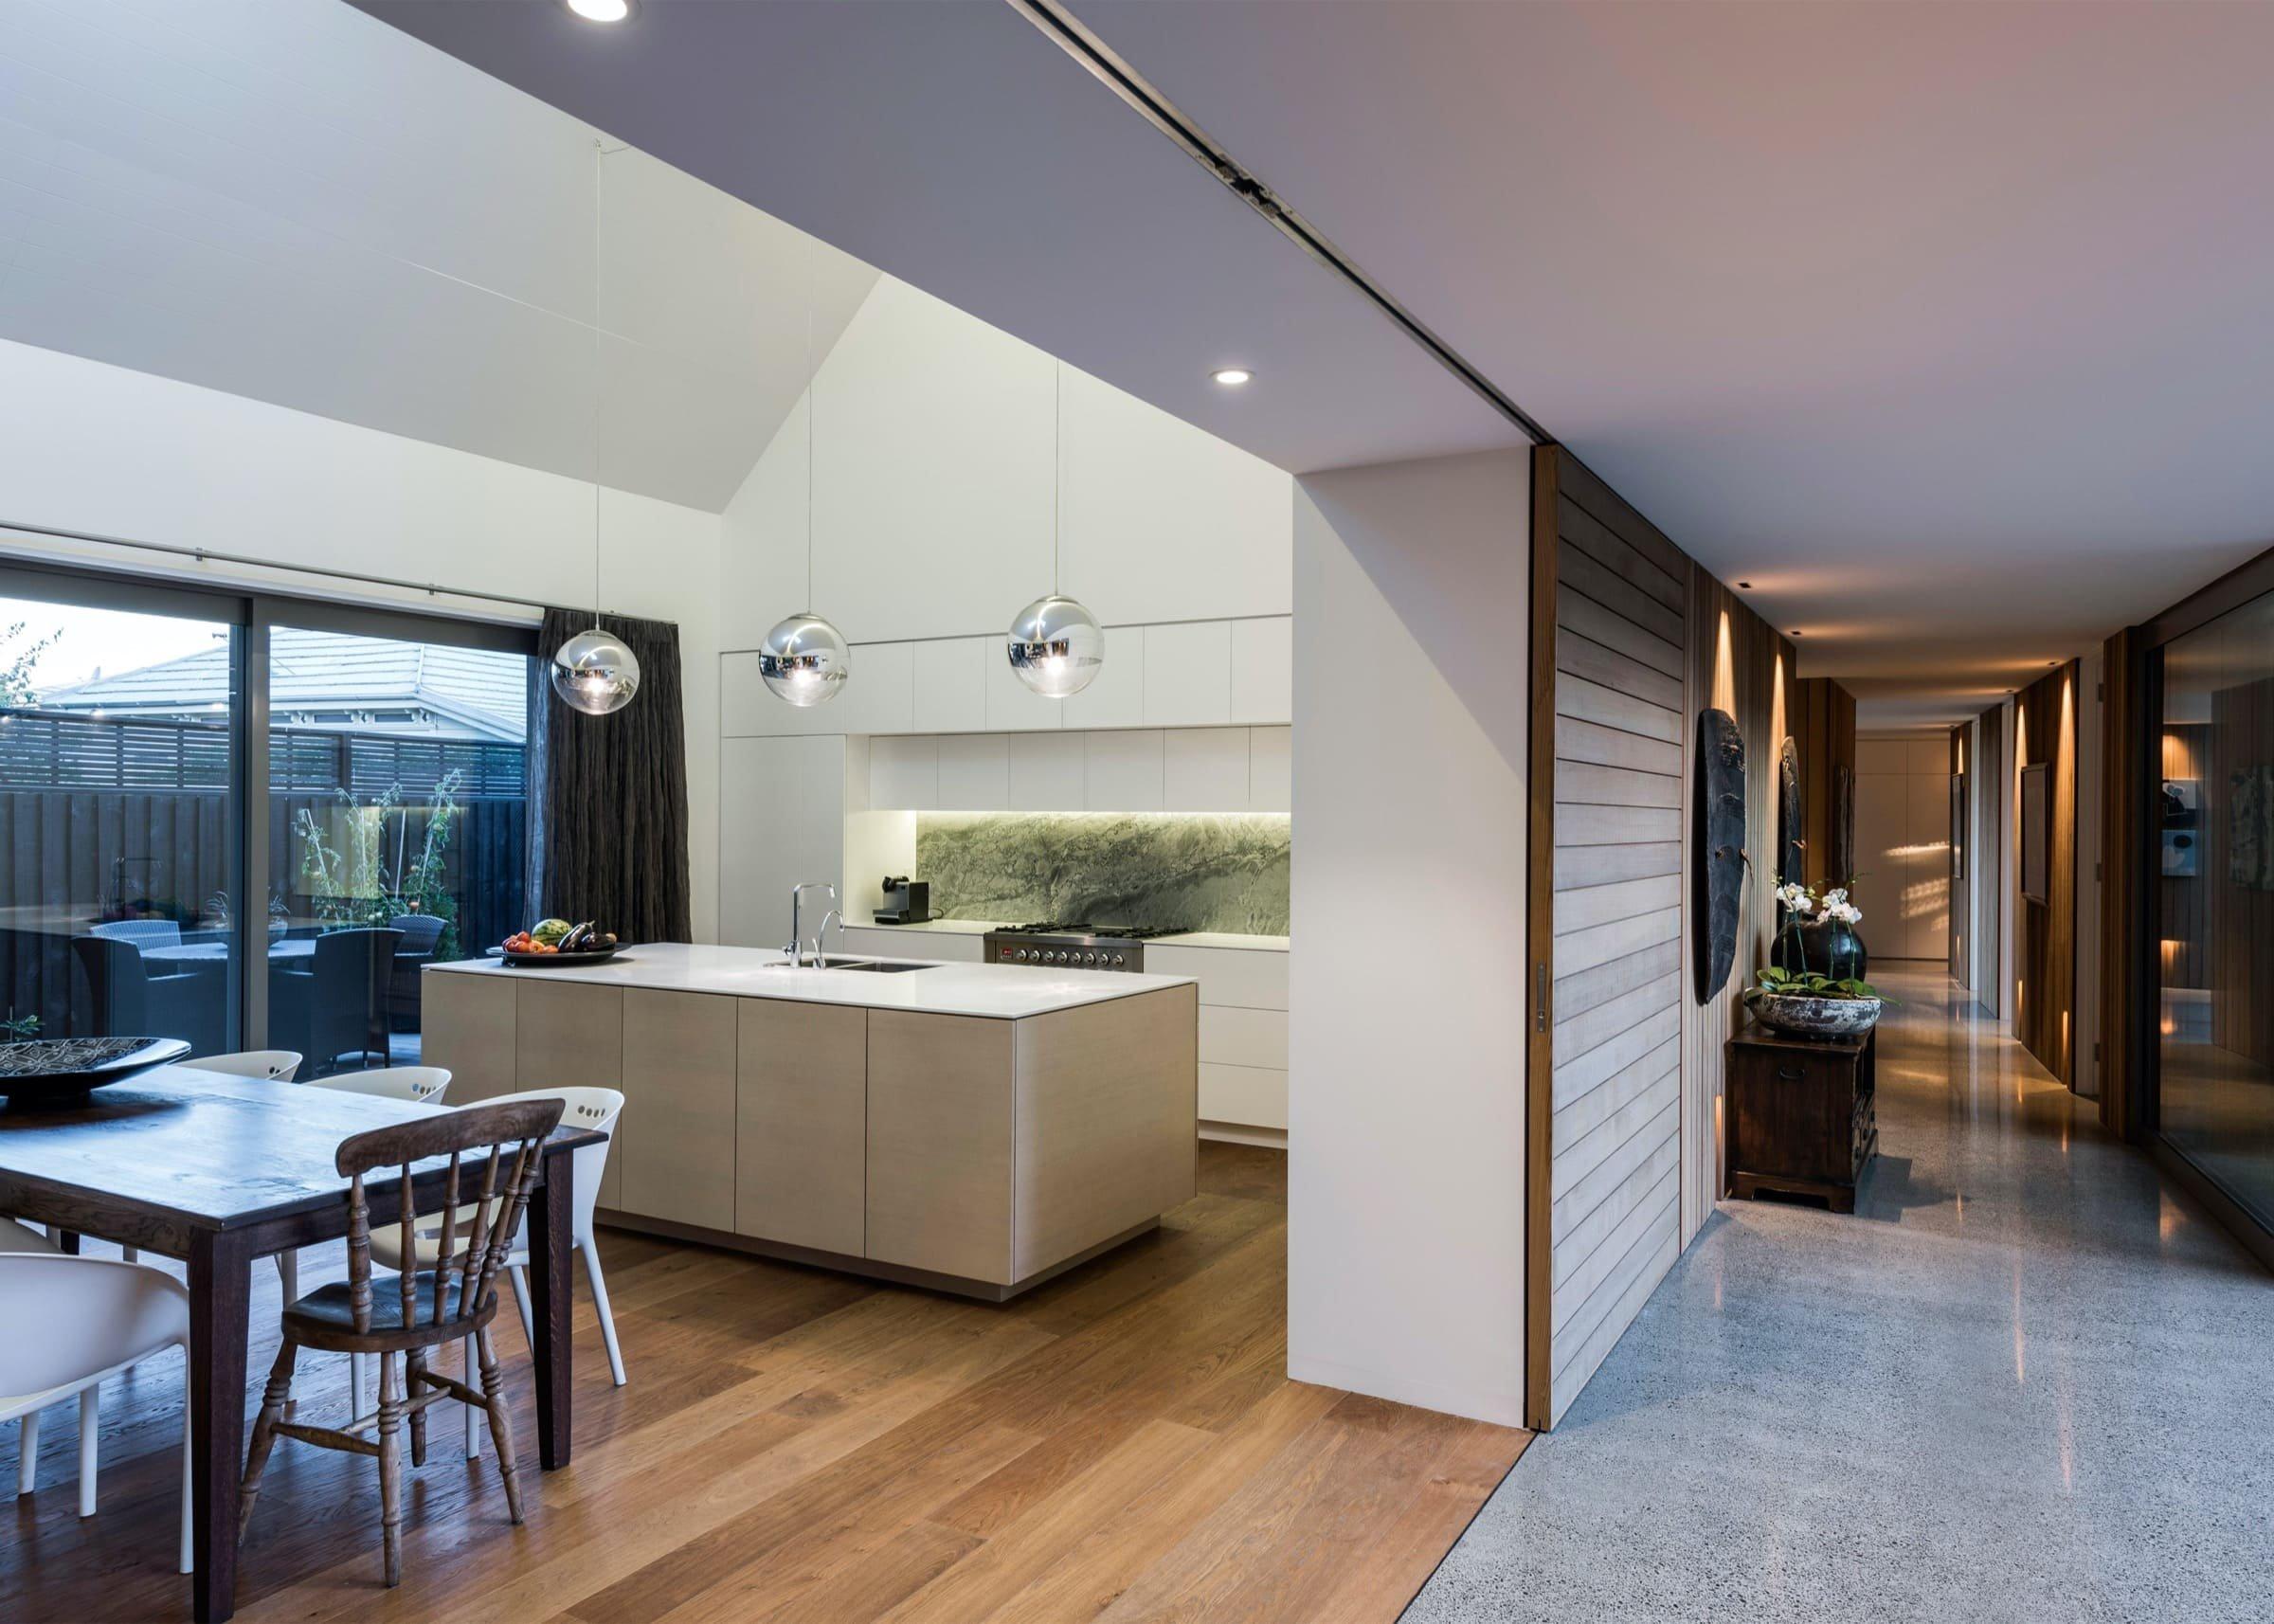 Nový pohled na venkovský styl bydlení